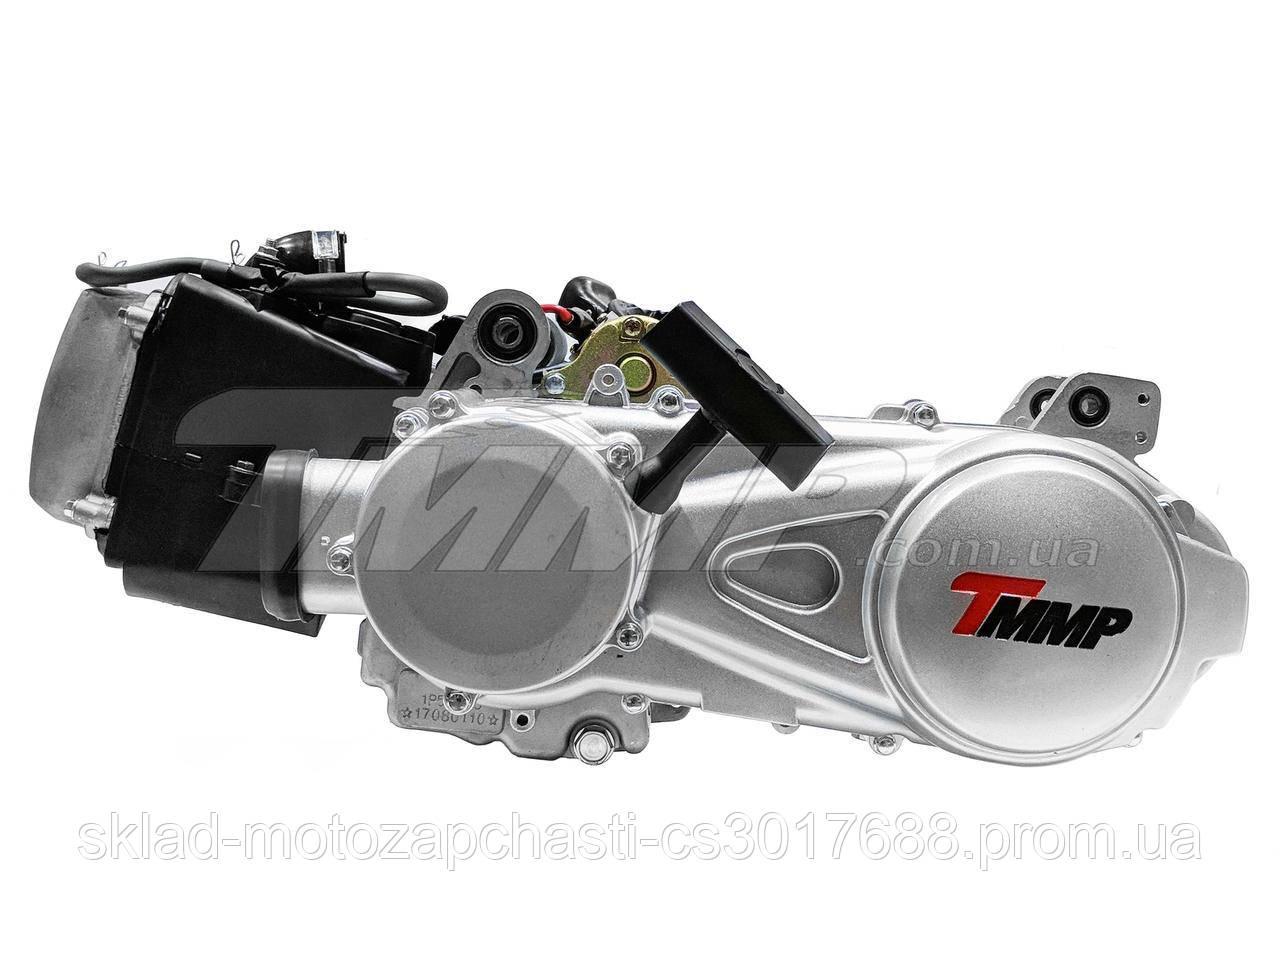 Двигатель на квадроцикл ATV-180 куб 1P63QML  (ATV180) +масляный радиатор